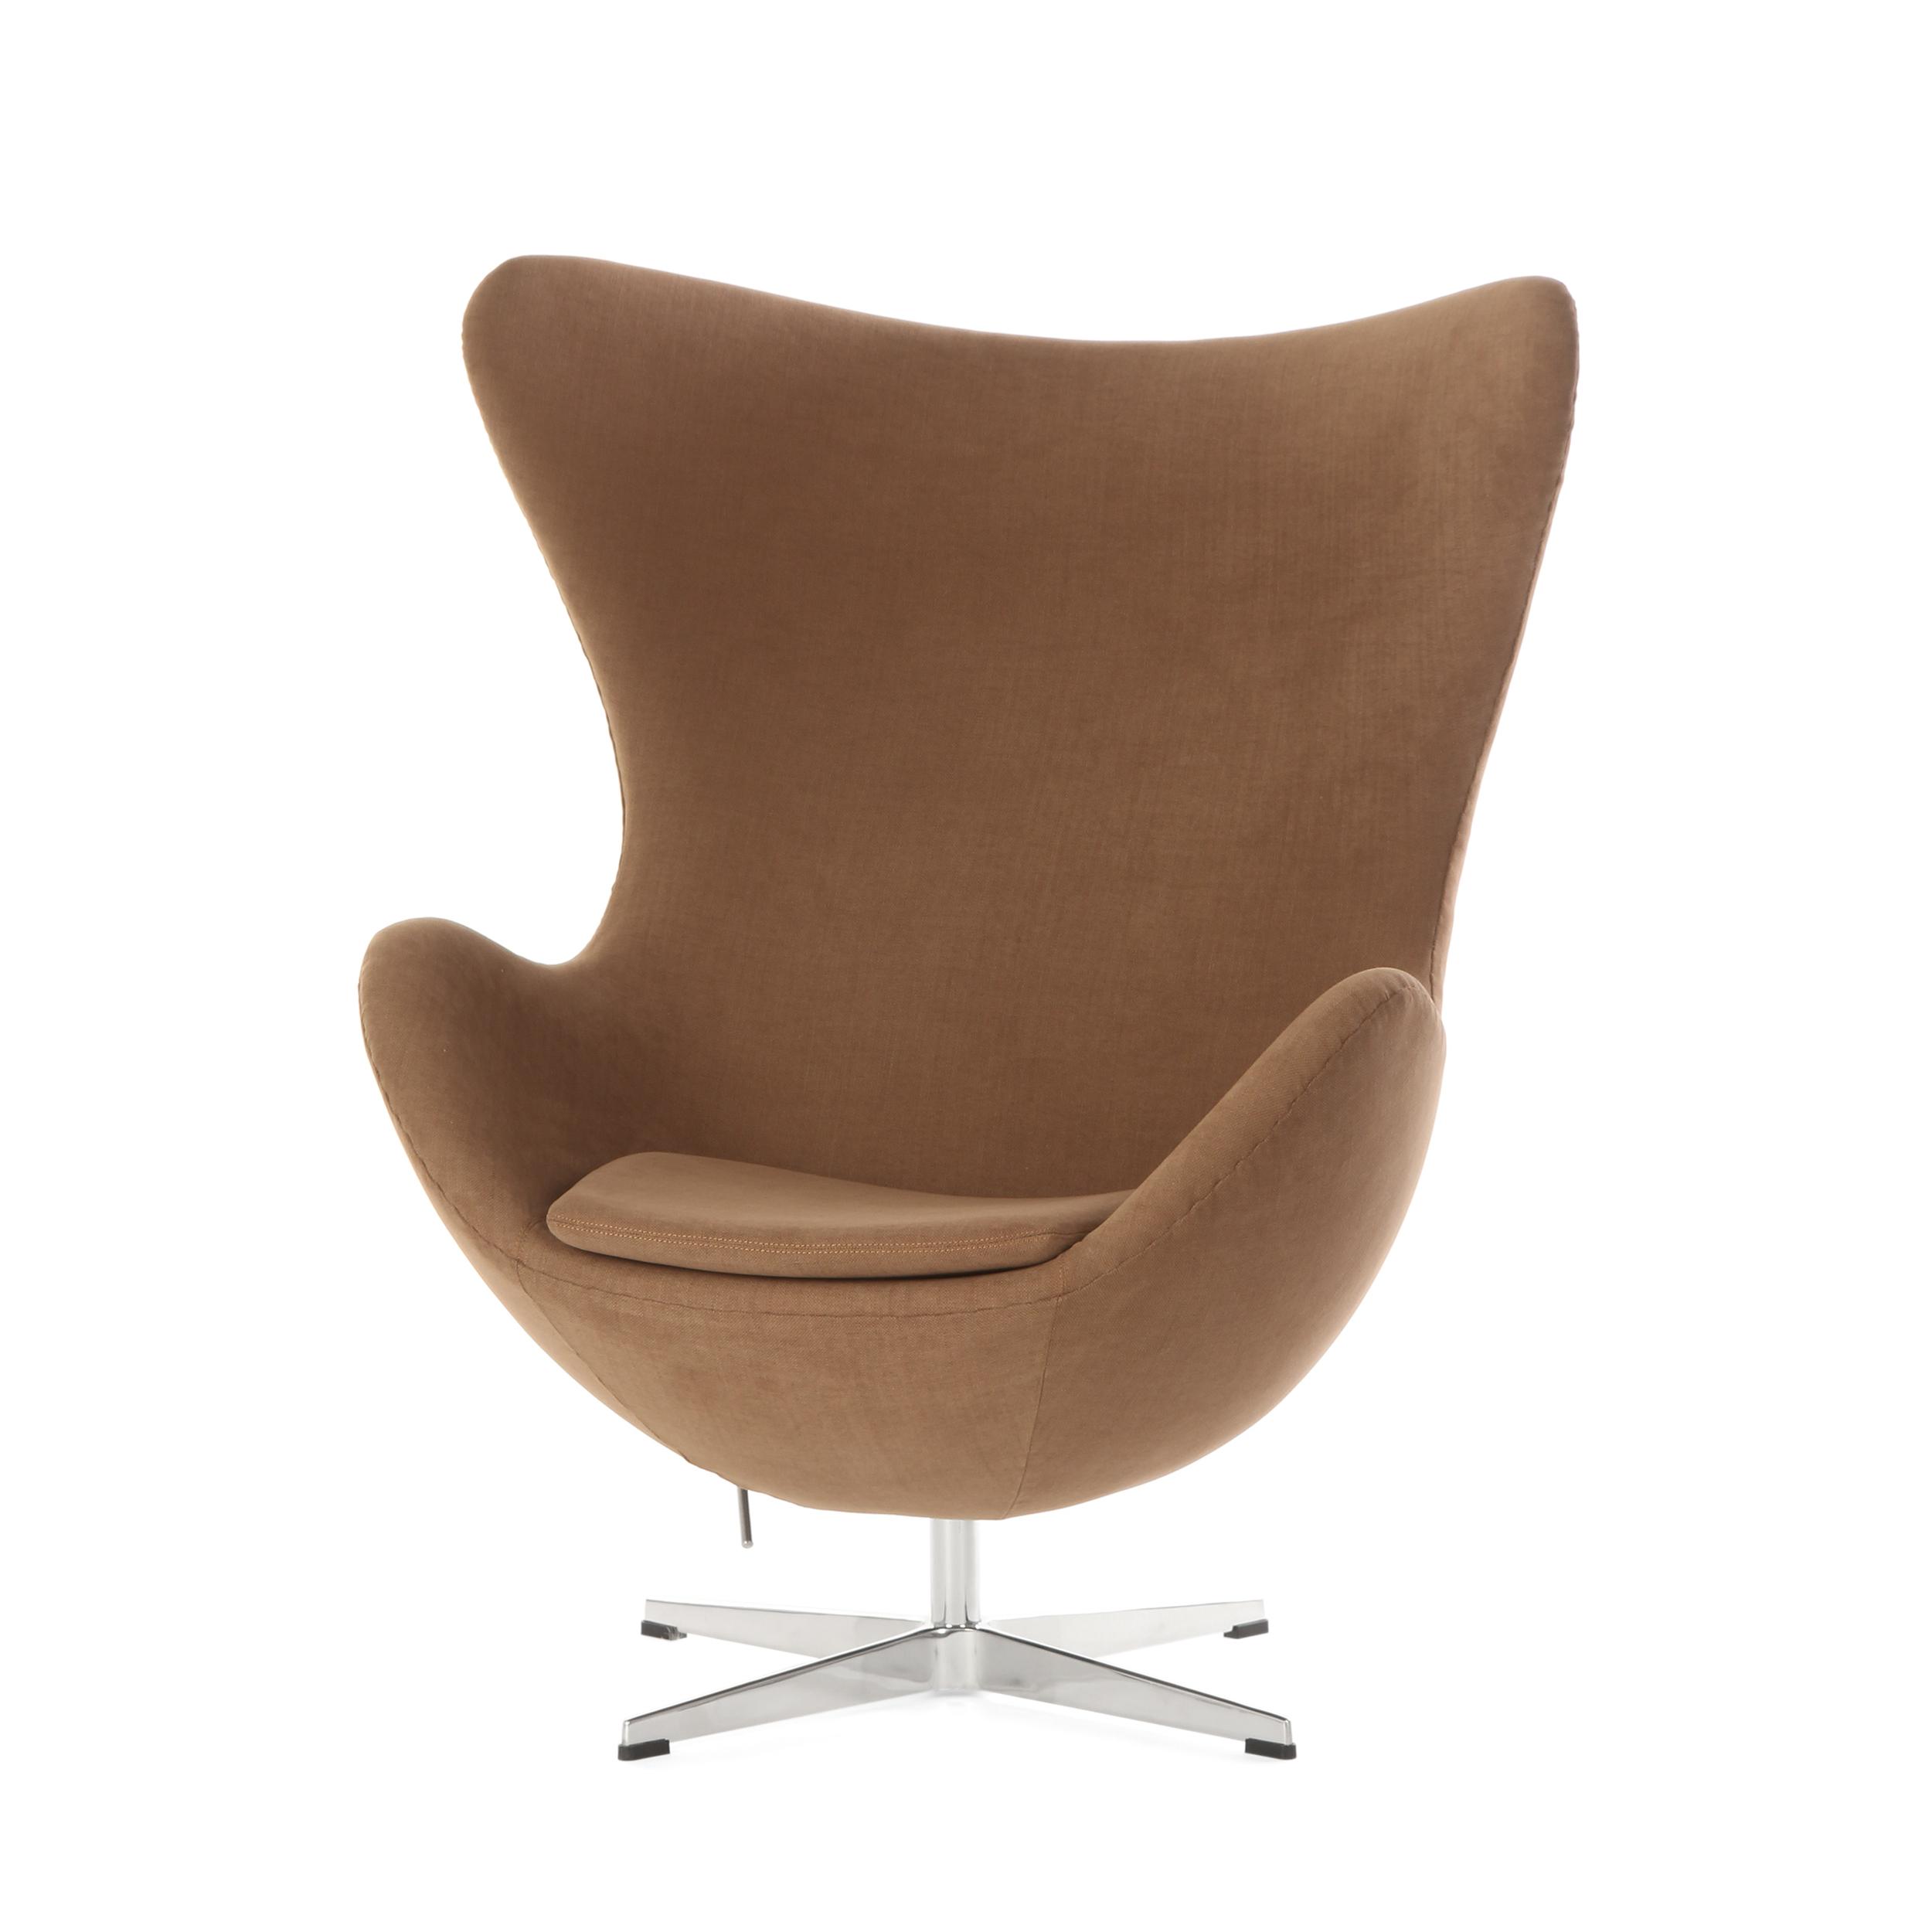 Кресло EggИнтерьерные<br>Дизайнерское комфортное кресло Egg (Эгг) в форме яйца на узкой ножке от Cosmo (Космо).<br><br><br> Кресло, своими очертаниями напоминающее яйцо, — одно из самых известных творений датского дизайнера Арне Якобсена. Вряд ли оно когда-нибудь выйдет из моды — уж слишком велик диапазон его интерьерных возможностей. Кроме того, обыгрывать данную форму помогают различные фактуры и цвета обивок.<br><br><br> Особенно приятно и солидно смотрится оригинальное кресло Egg в обивке из натуральной кожи, представлен...<br><br>stock: 1<br>Высота: 105,5<br>Высота сиденья: 41<br>Ширина: 87<br>Глубина: 82<br>Цвет ножек: Хром<br>Материал обивки: Хлопок, Лен<br>Коллекция ткани: Ray Fabric<br>Тип материала обивки: Ткань<br>Тип материала ножек: Алюминий<br>Цвет обивки: Светло-коричневый